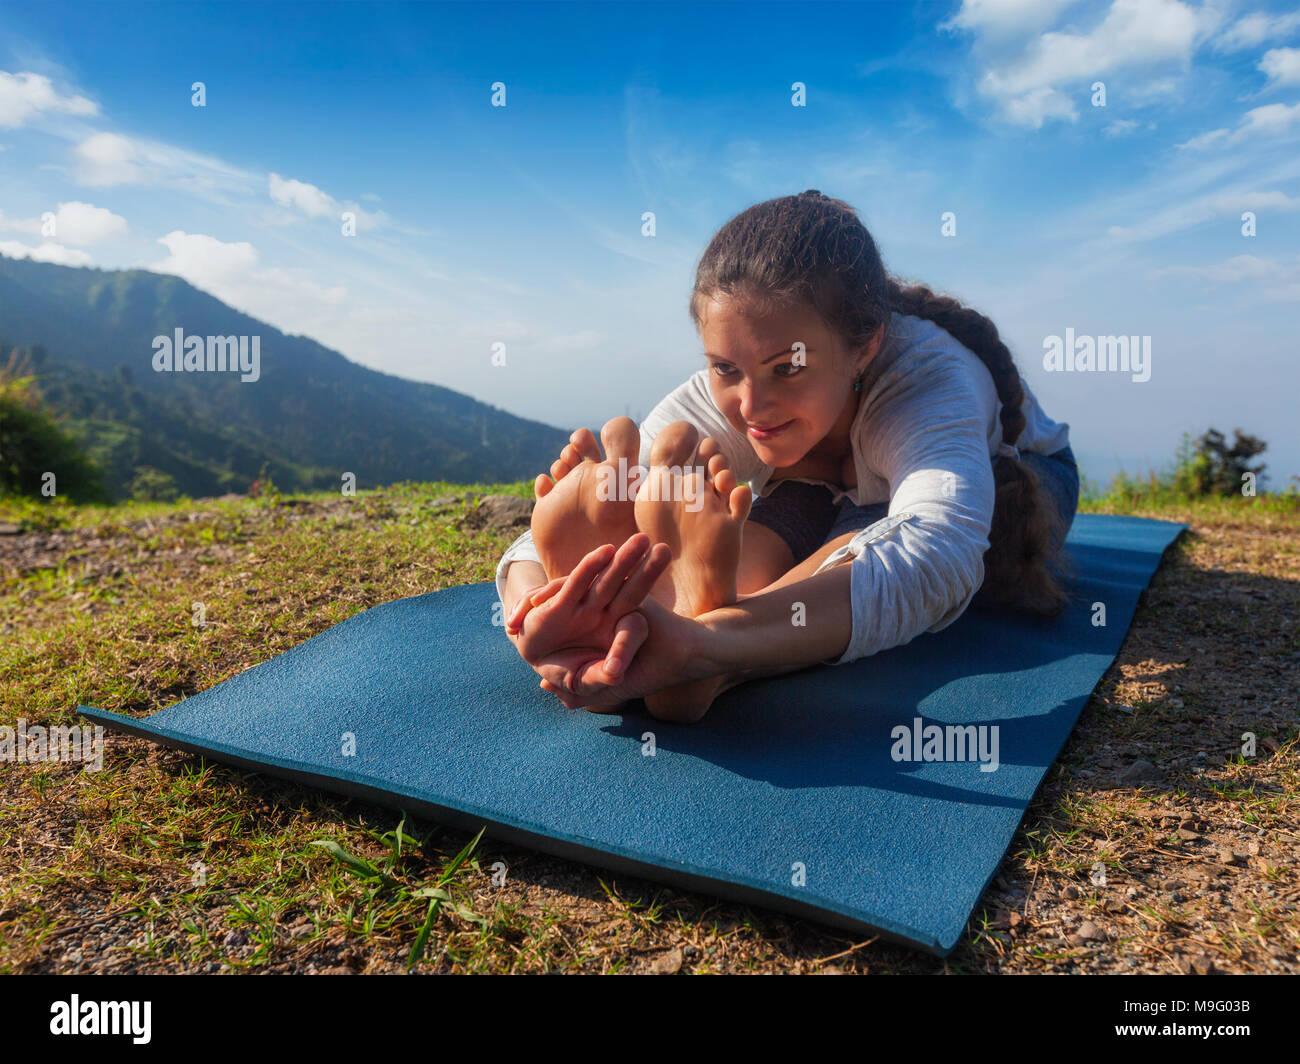 Woman doing yoga asana Paschimottanasana forward bend - Stock Image